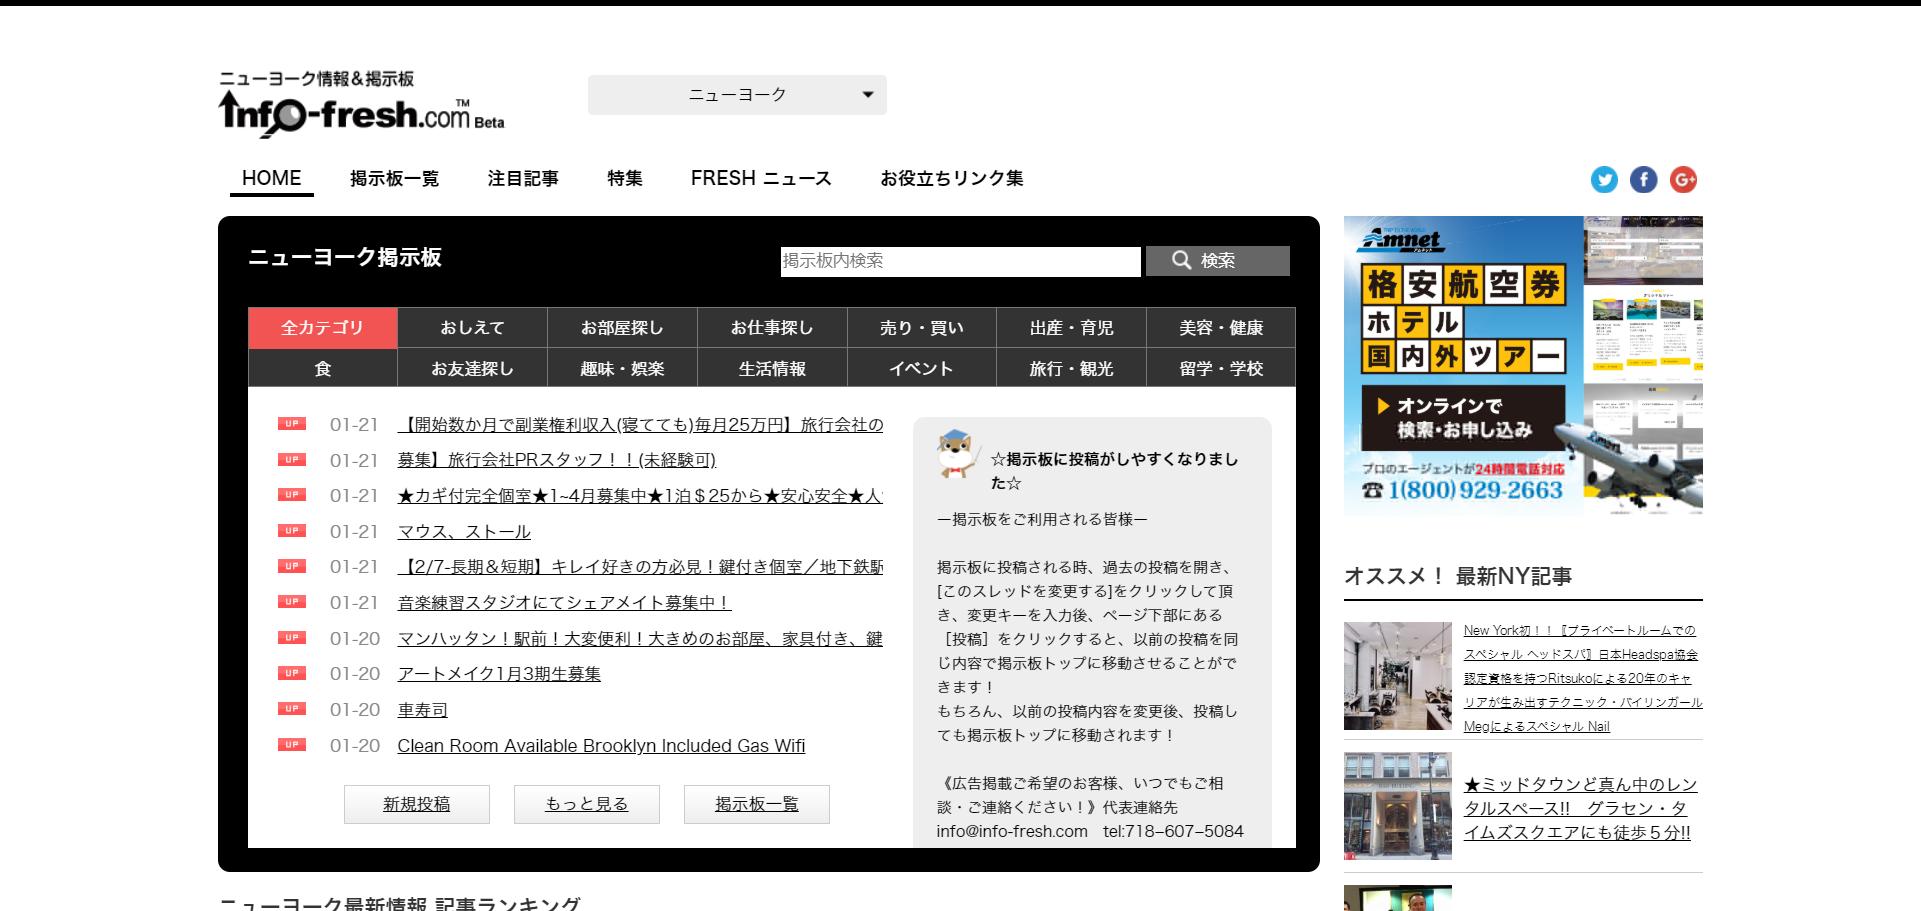 info-fresh.com